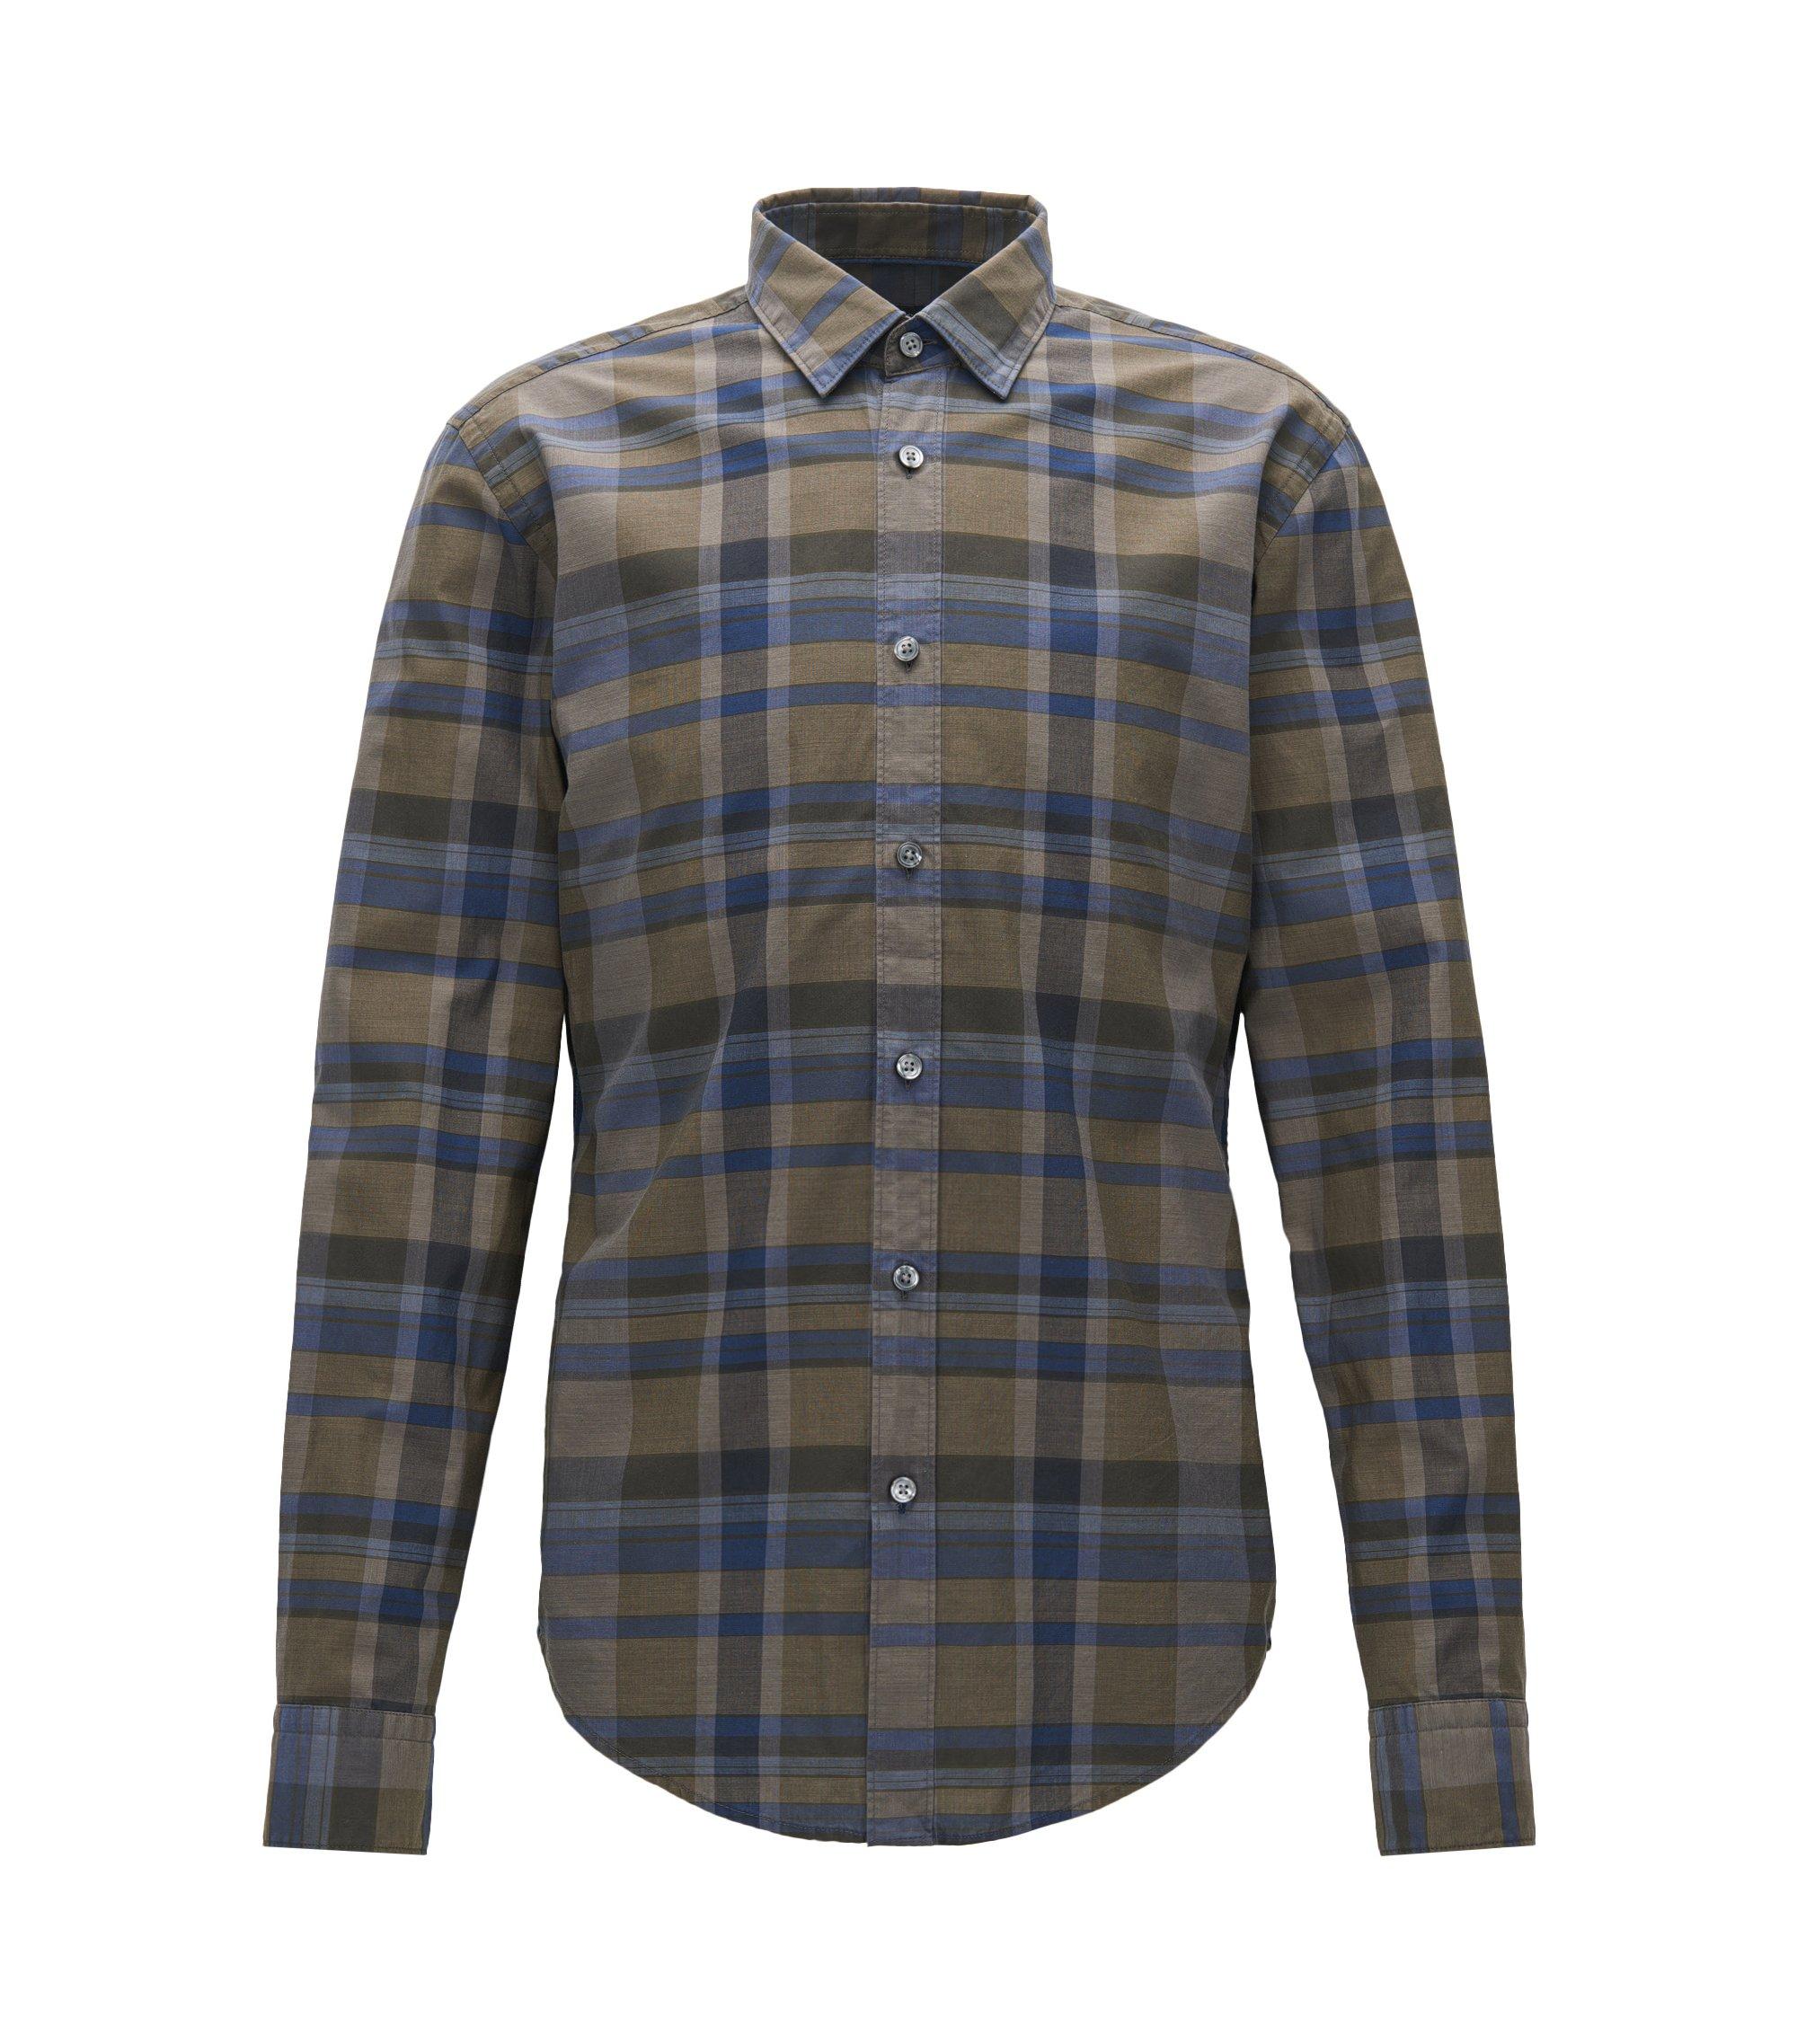 Camicia a quadri slim fit in cotone lavato, A disegni